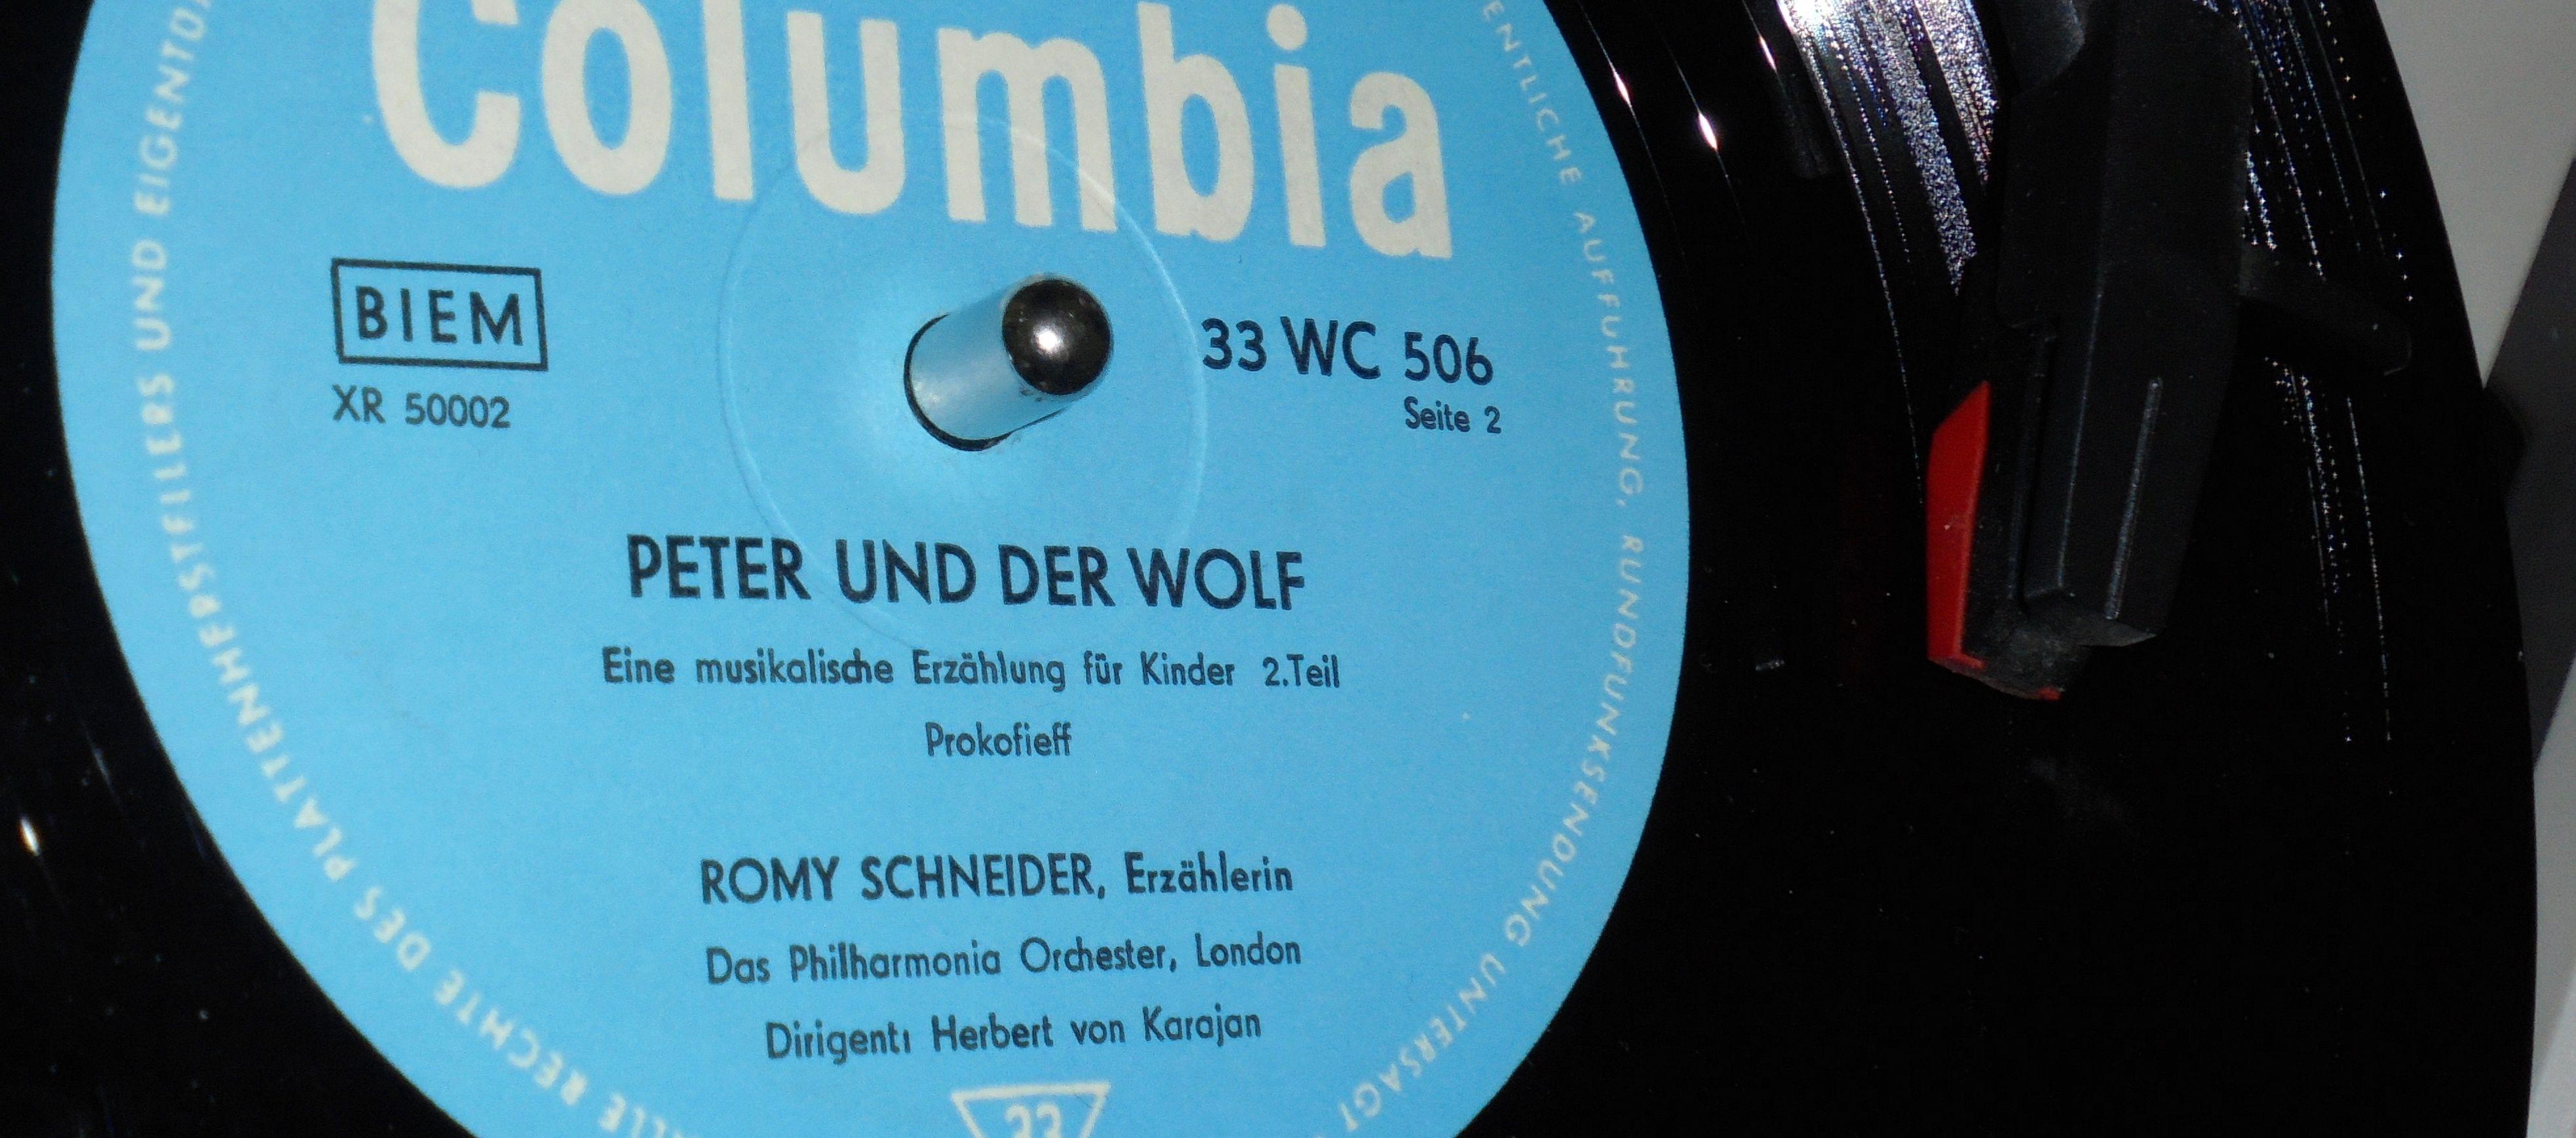 Der Wolf dreht sich im Kreise